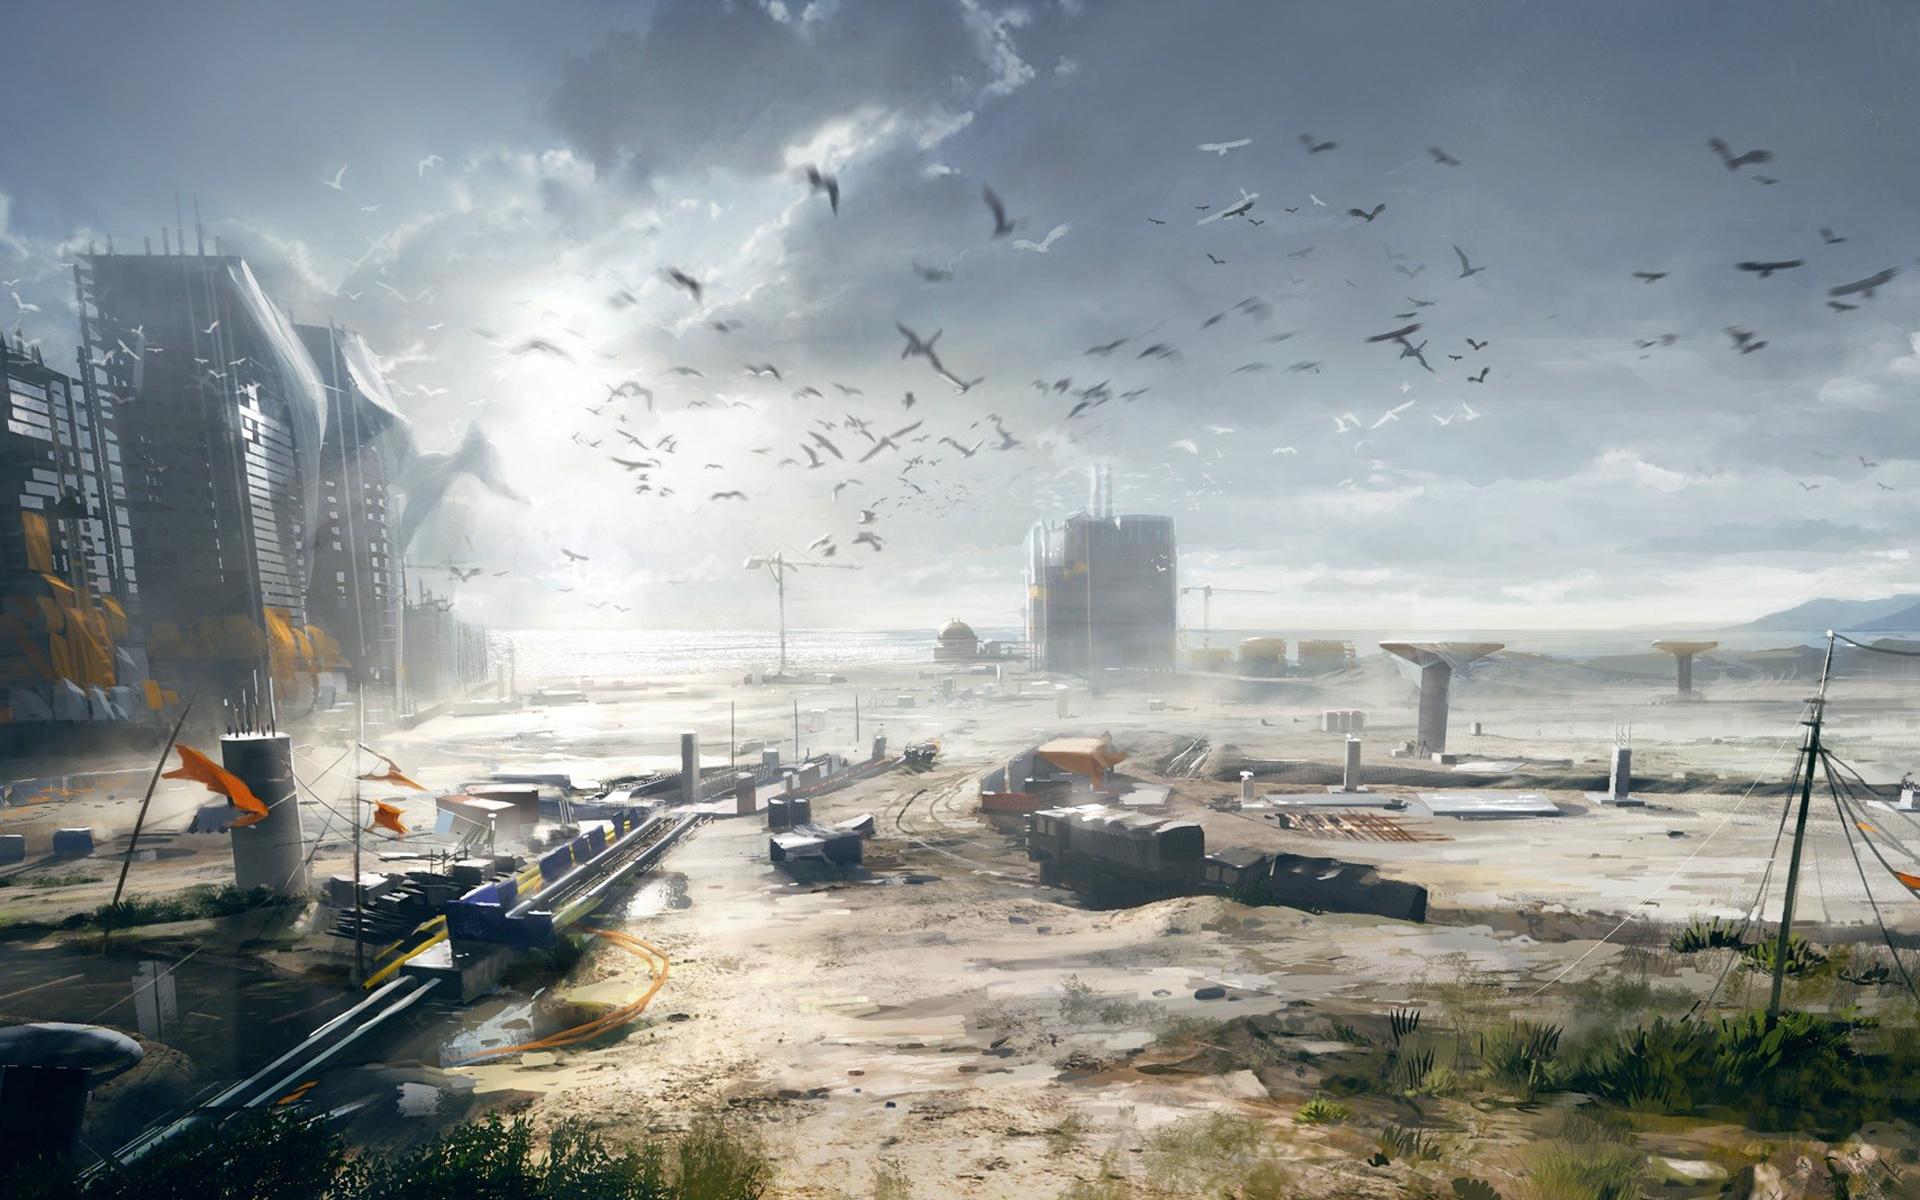 Battlefield Concept Art Wallpaper - Battlefield Concept Art 4k , HD Wallpaper & Backgrounds